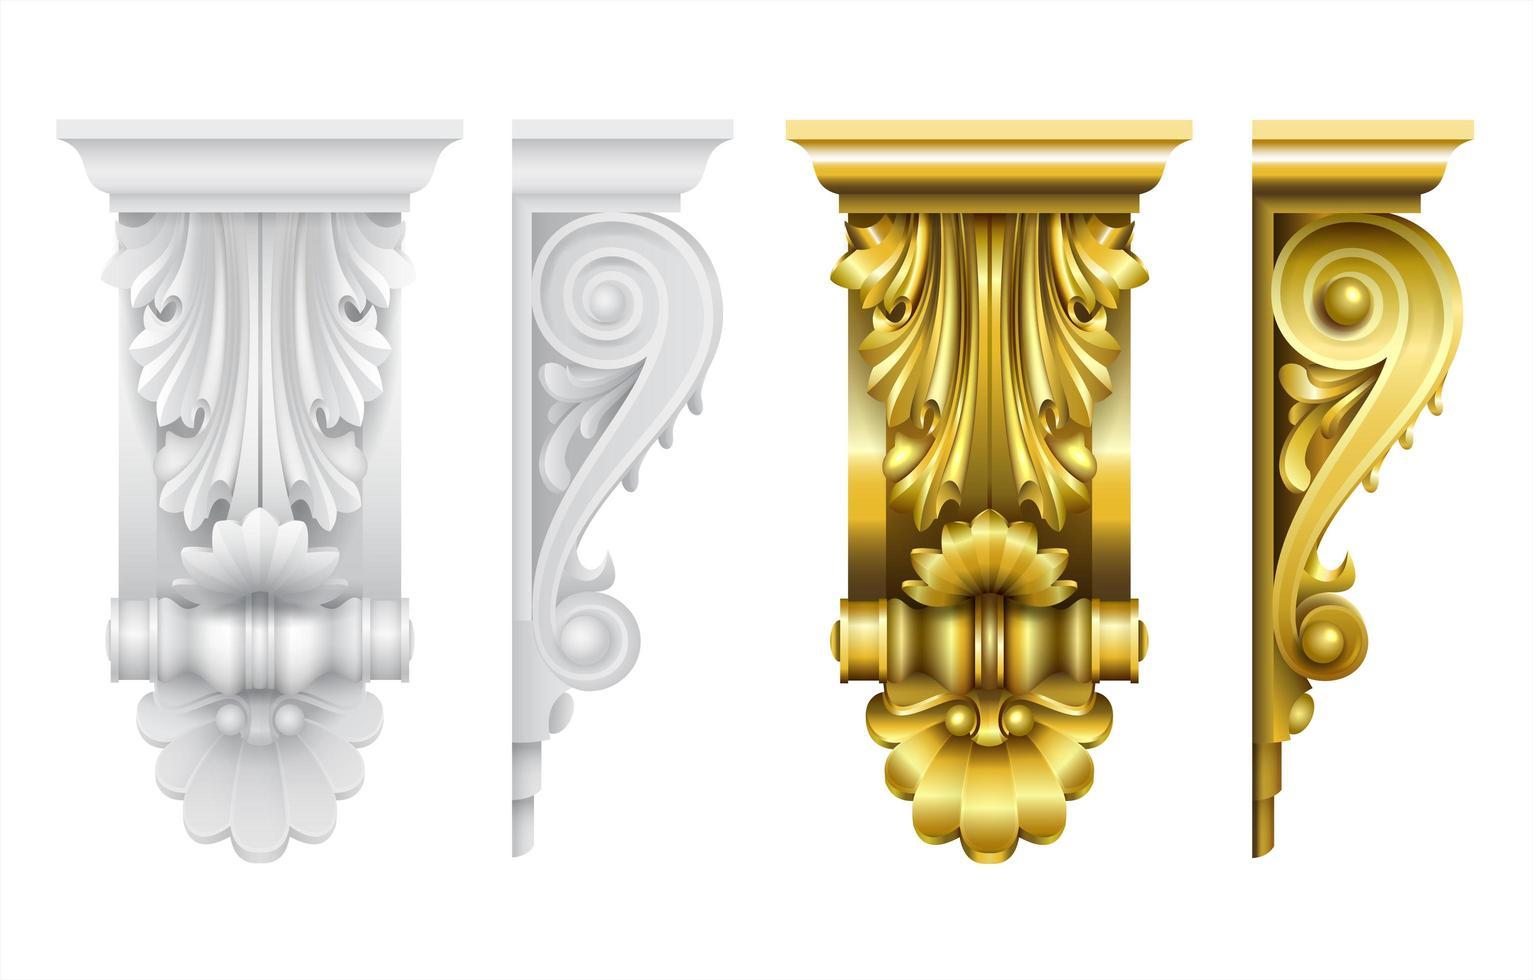 fachada arquitetônica suportes barrocos clássicos vetor